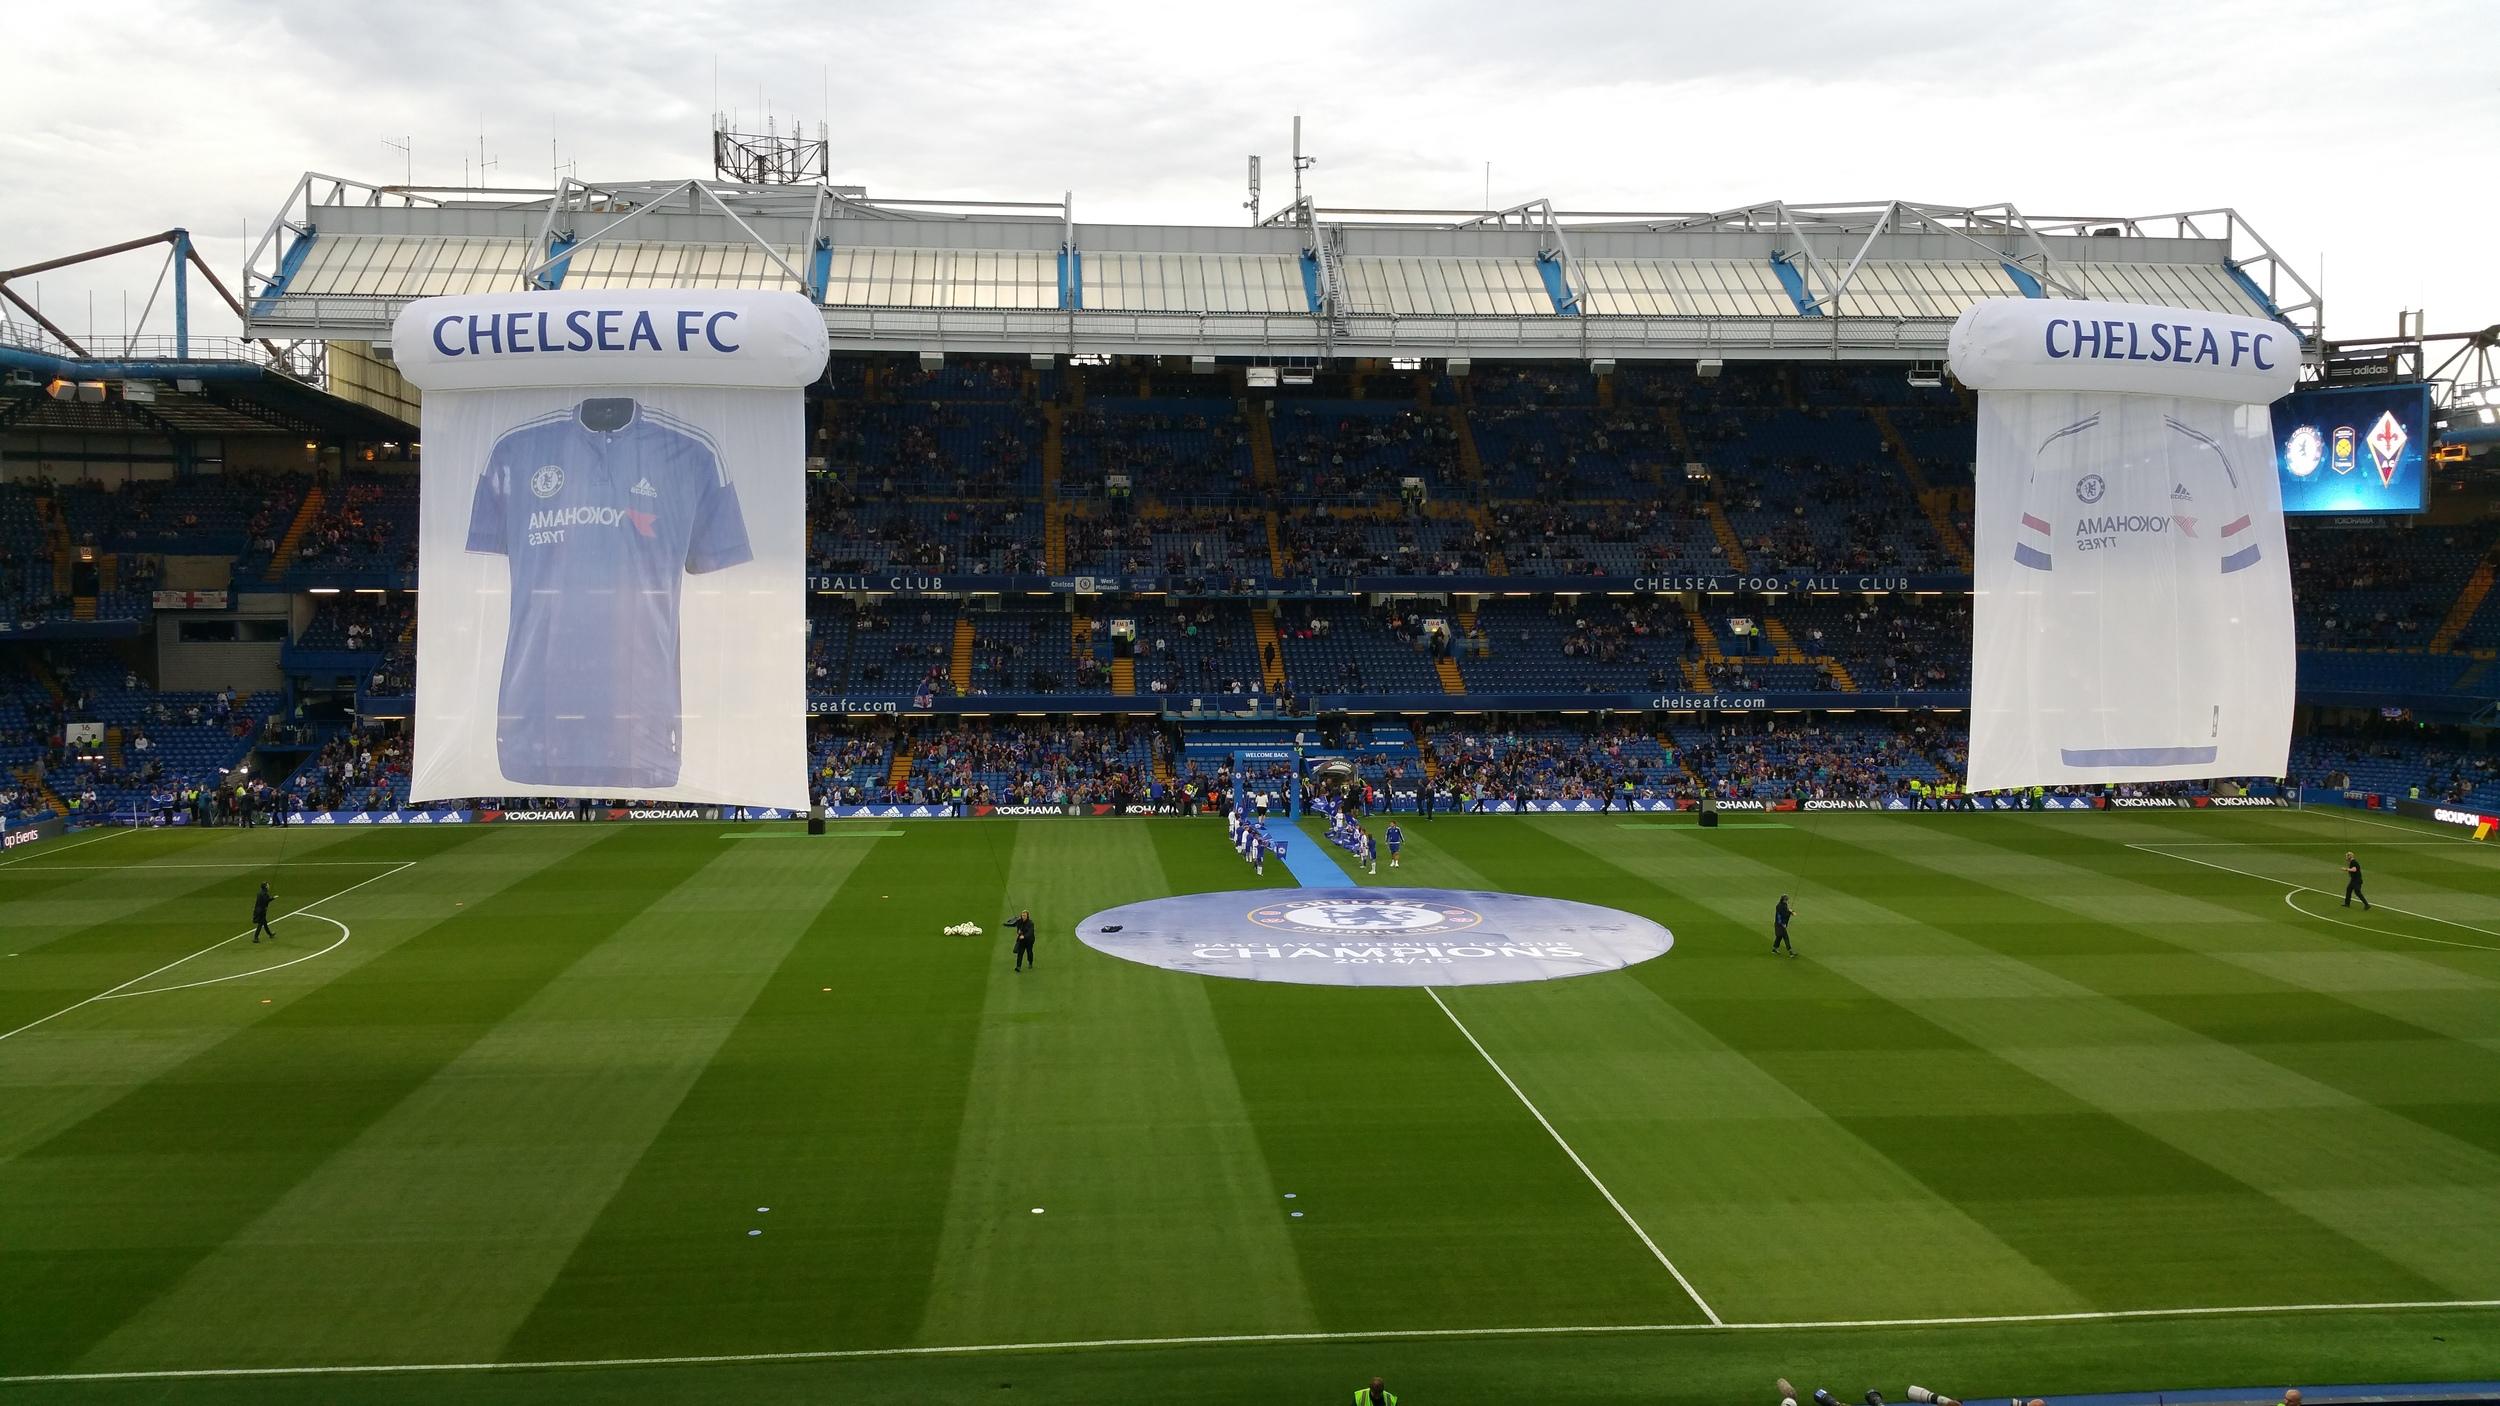 Bild: feierliche Trikotsponsorvorstellung vom 4. August 2015 im Stadion an der Stamford Bridge in London Chelsea.